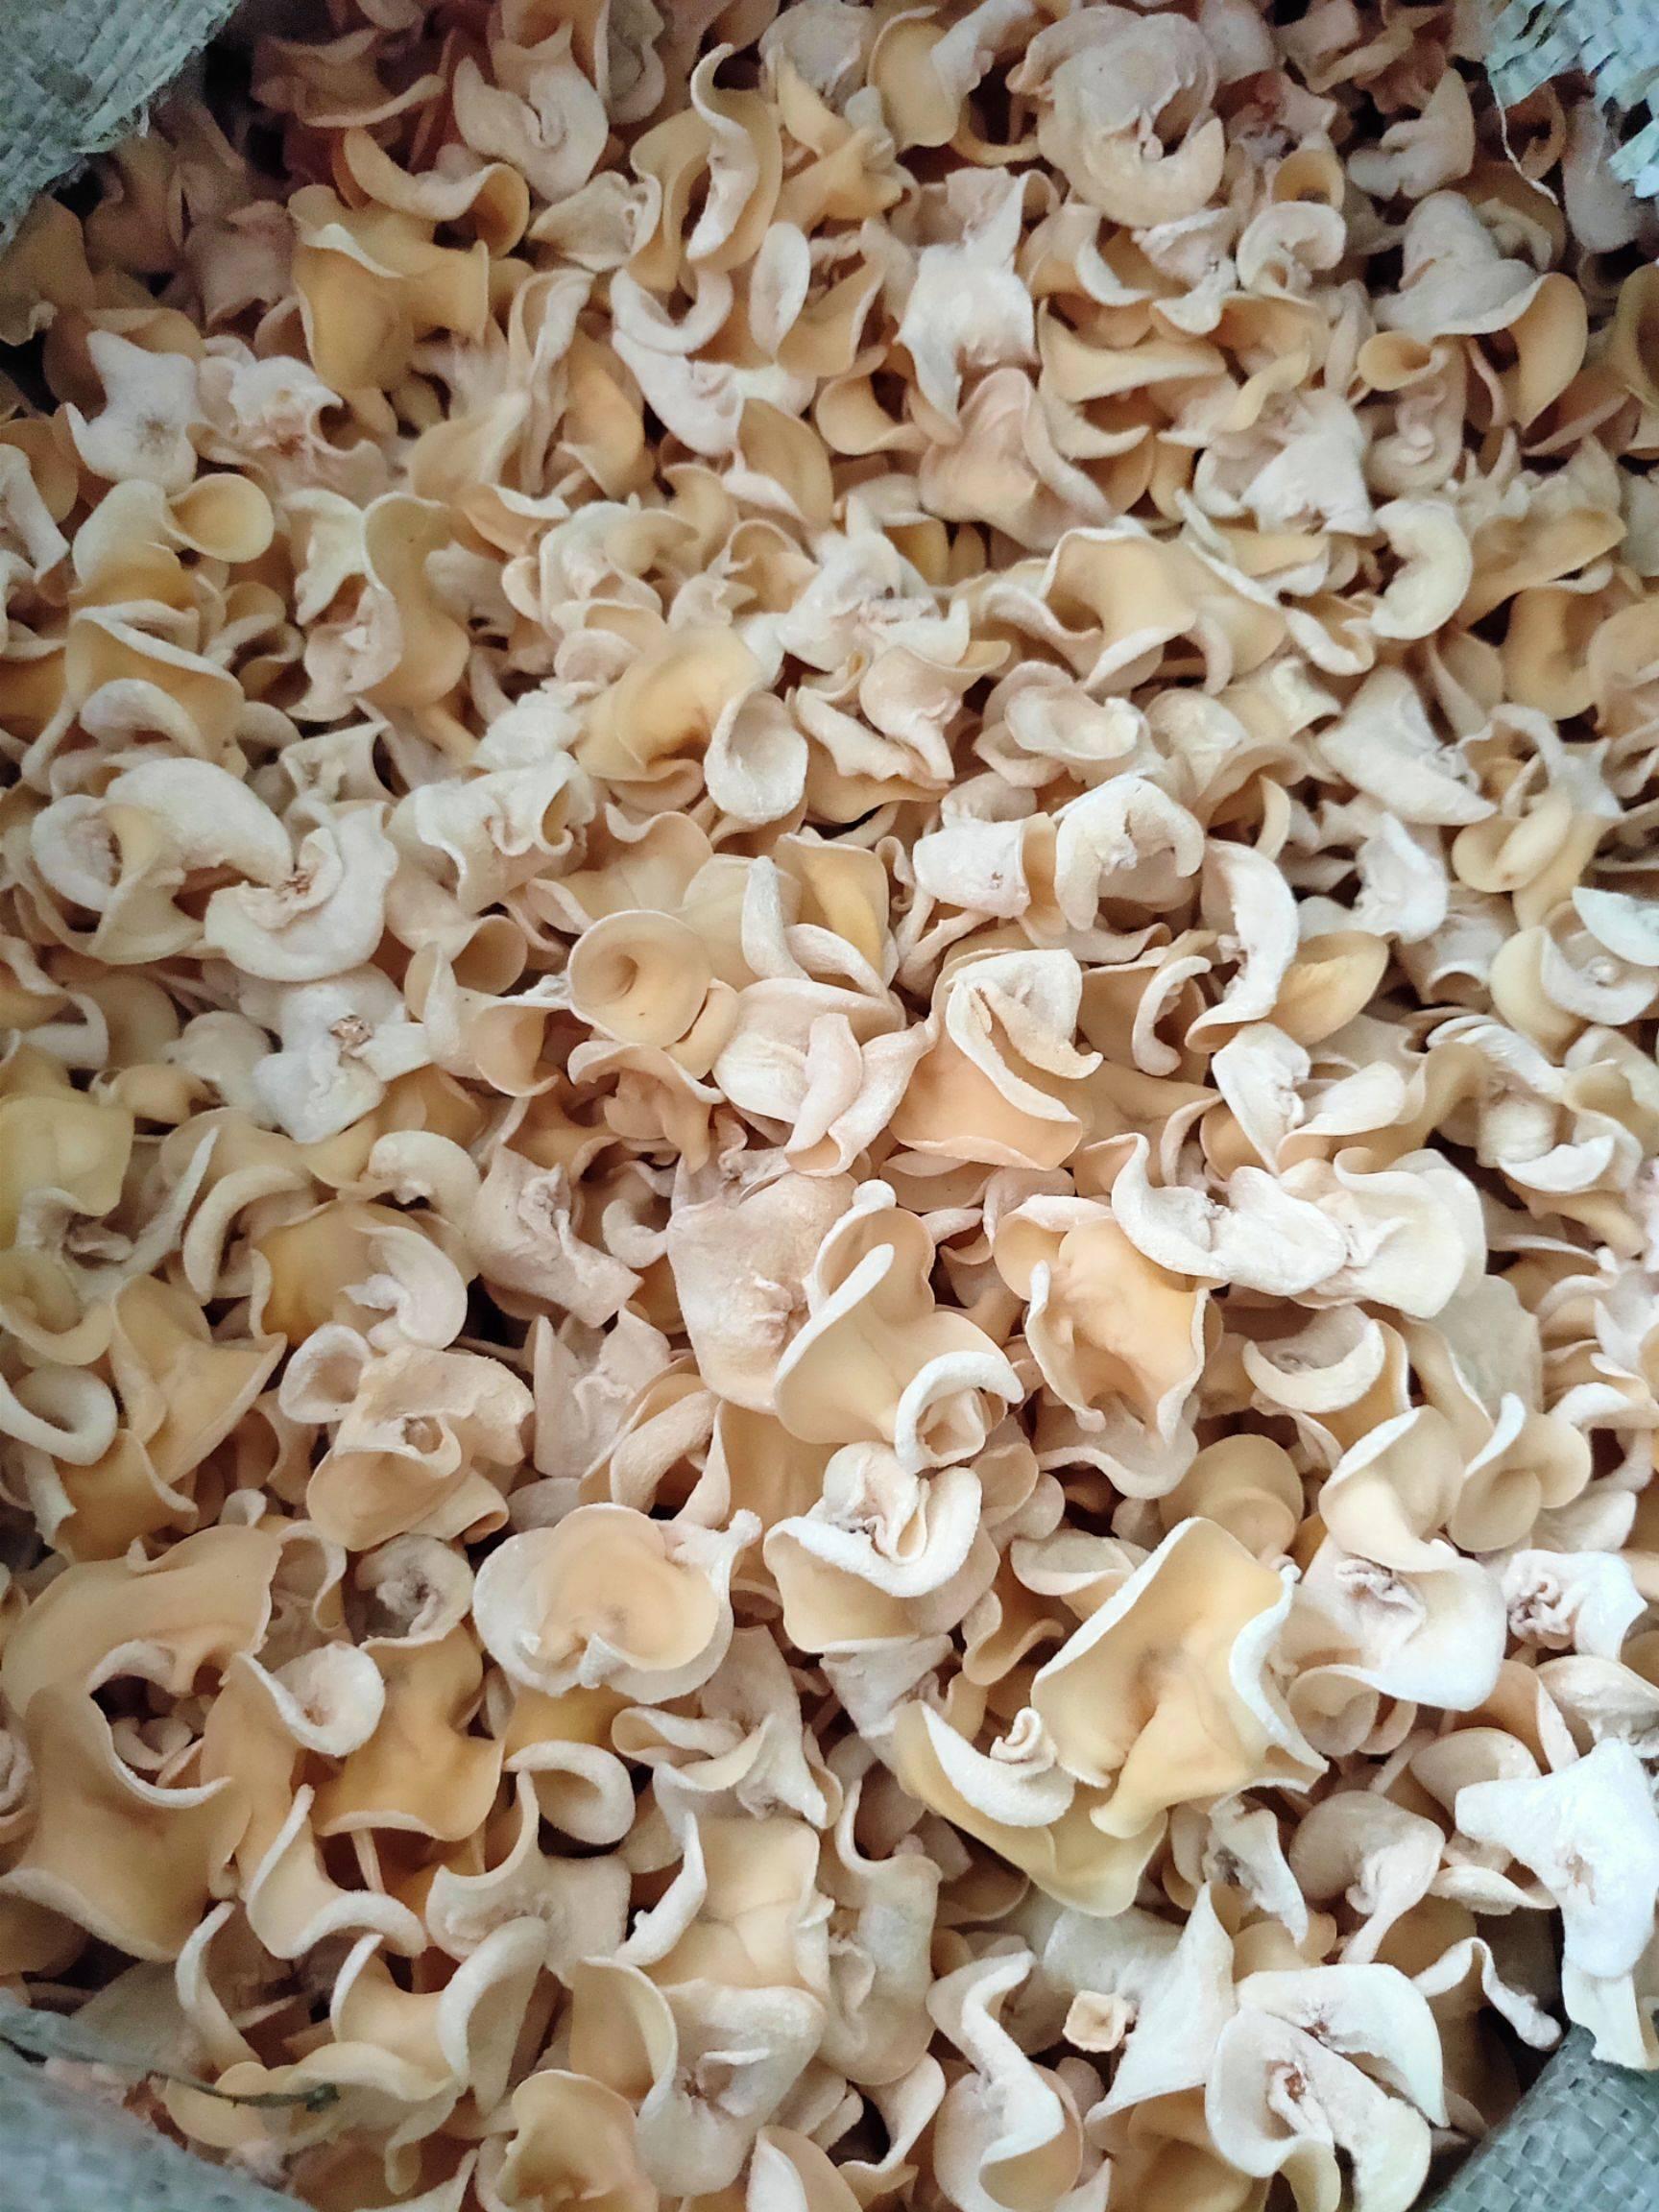 [白木耳批发]白玉木耳,白木耳,特级精品,小碗耳,送礼首选价格45元/斤